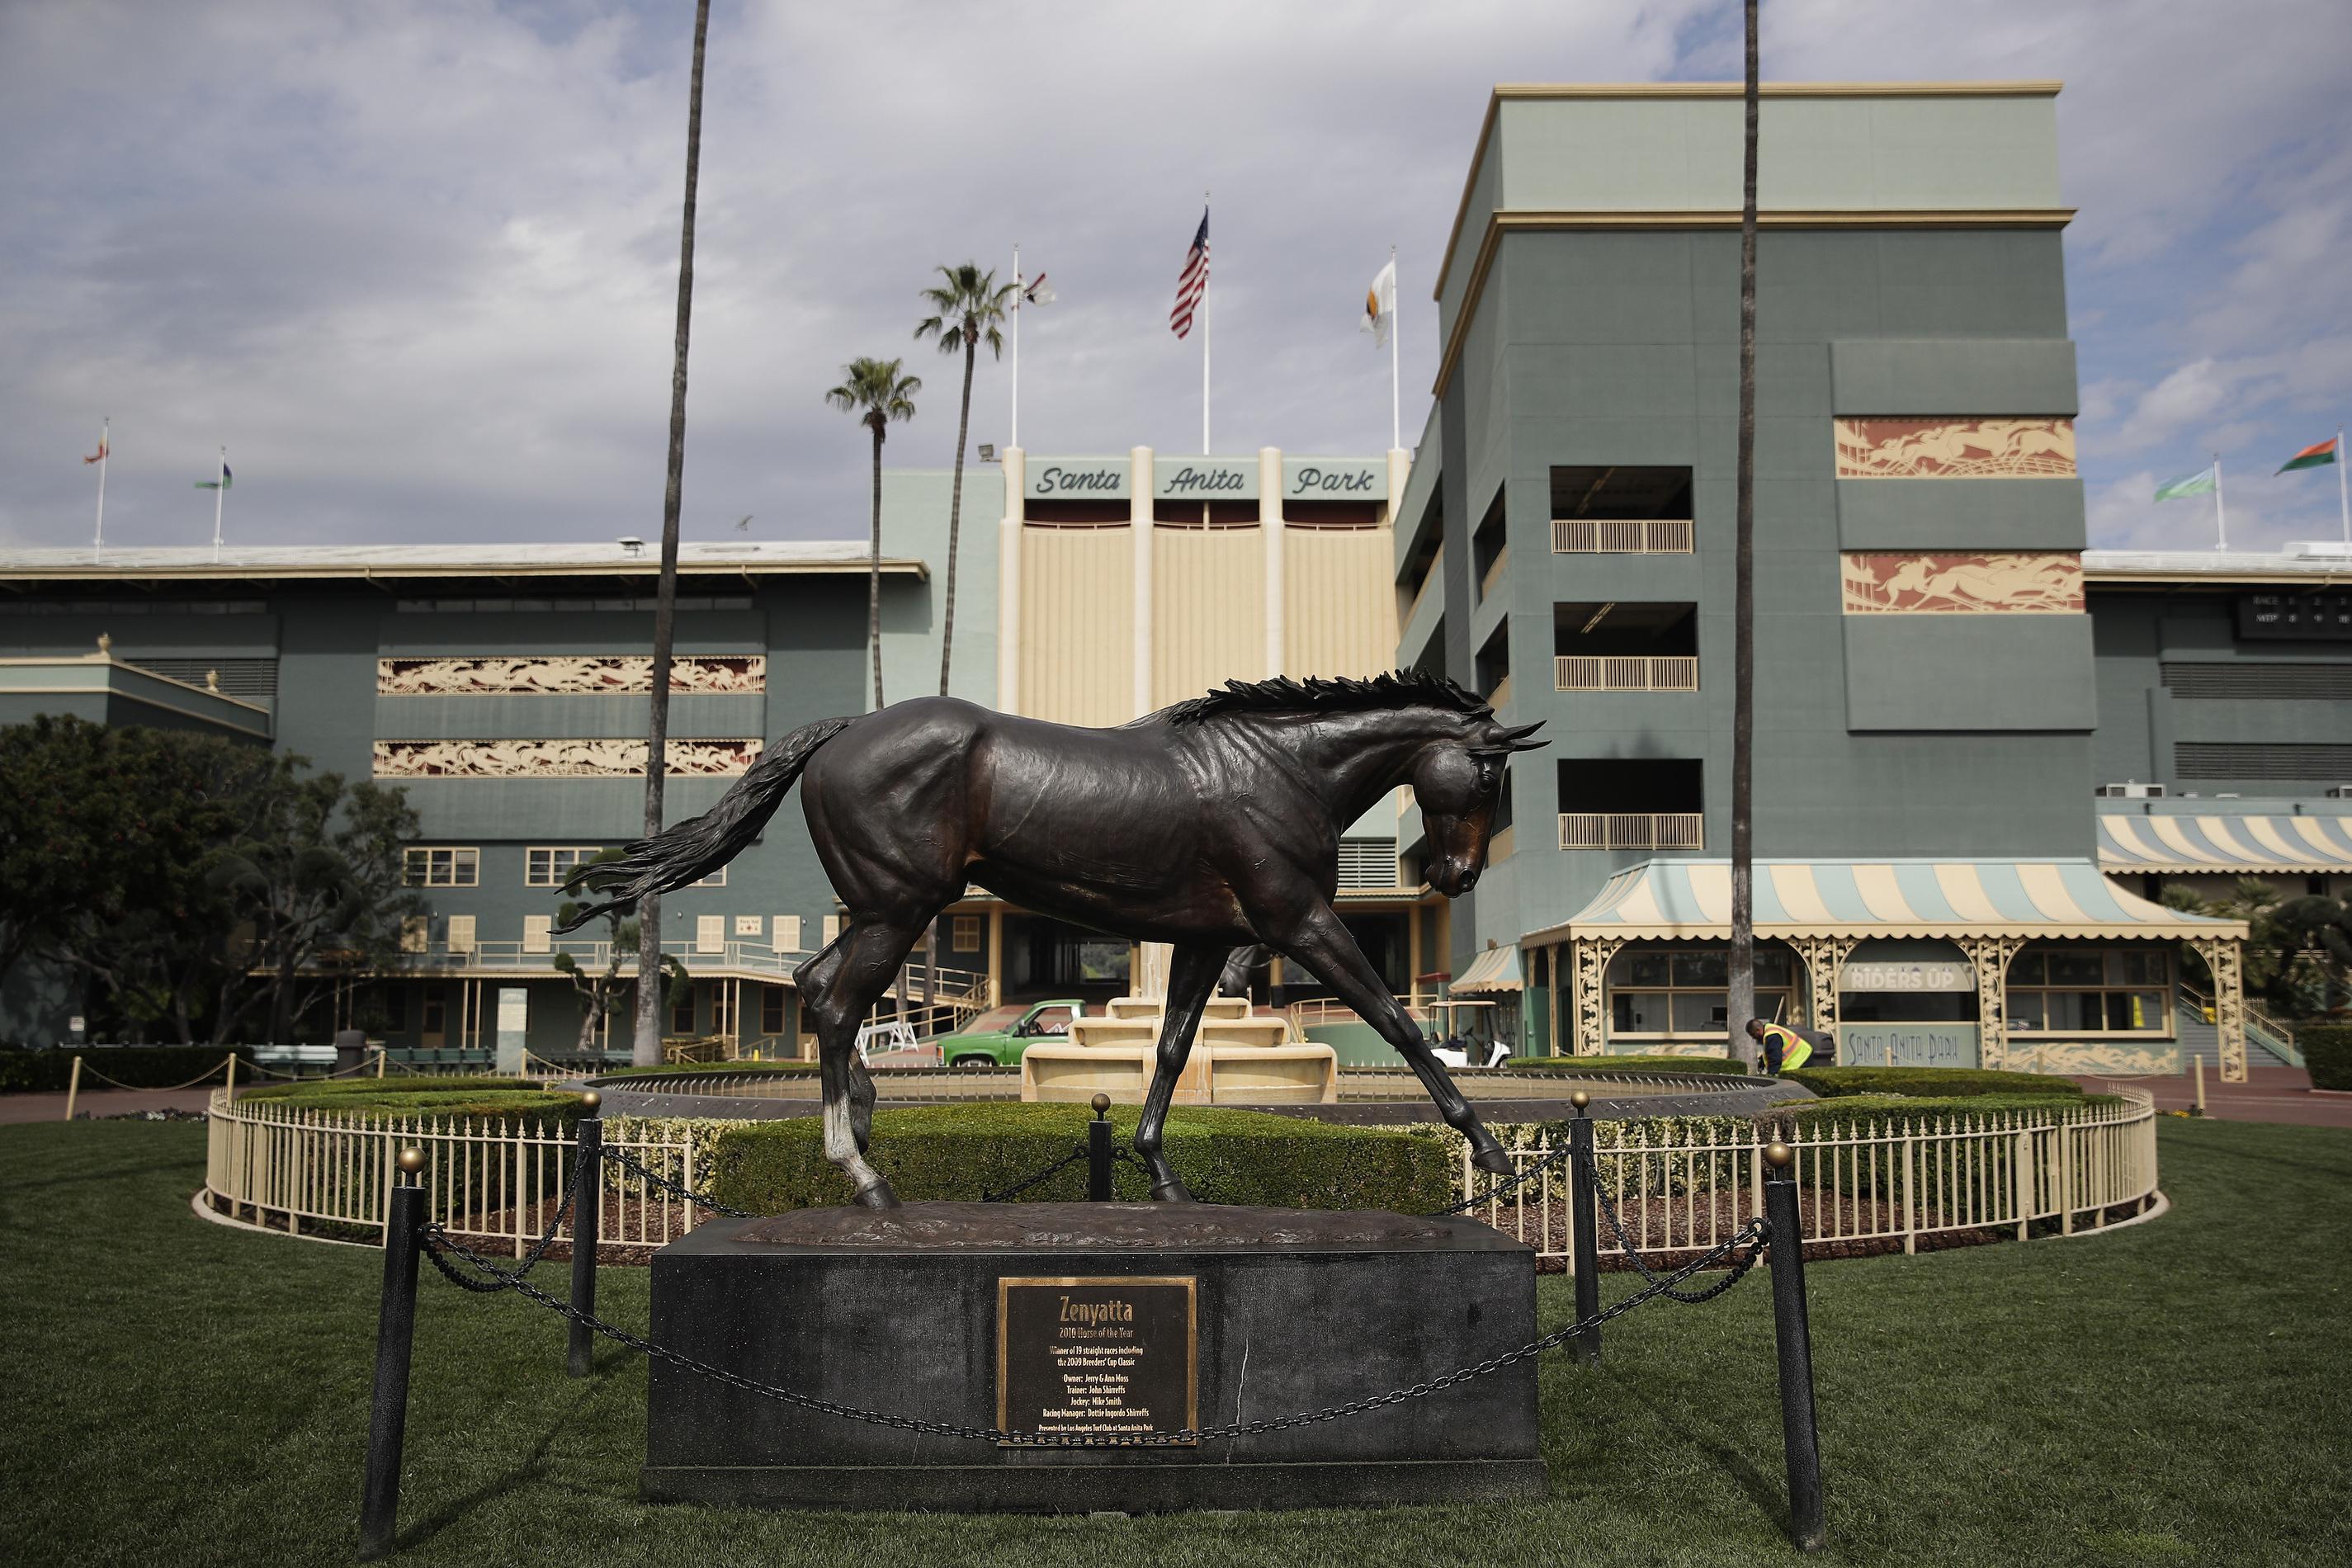 Flipboard Snyder Santa Anita Chooses Dollars Over Horses